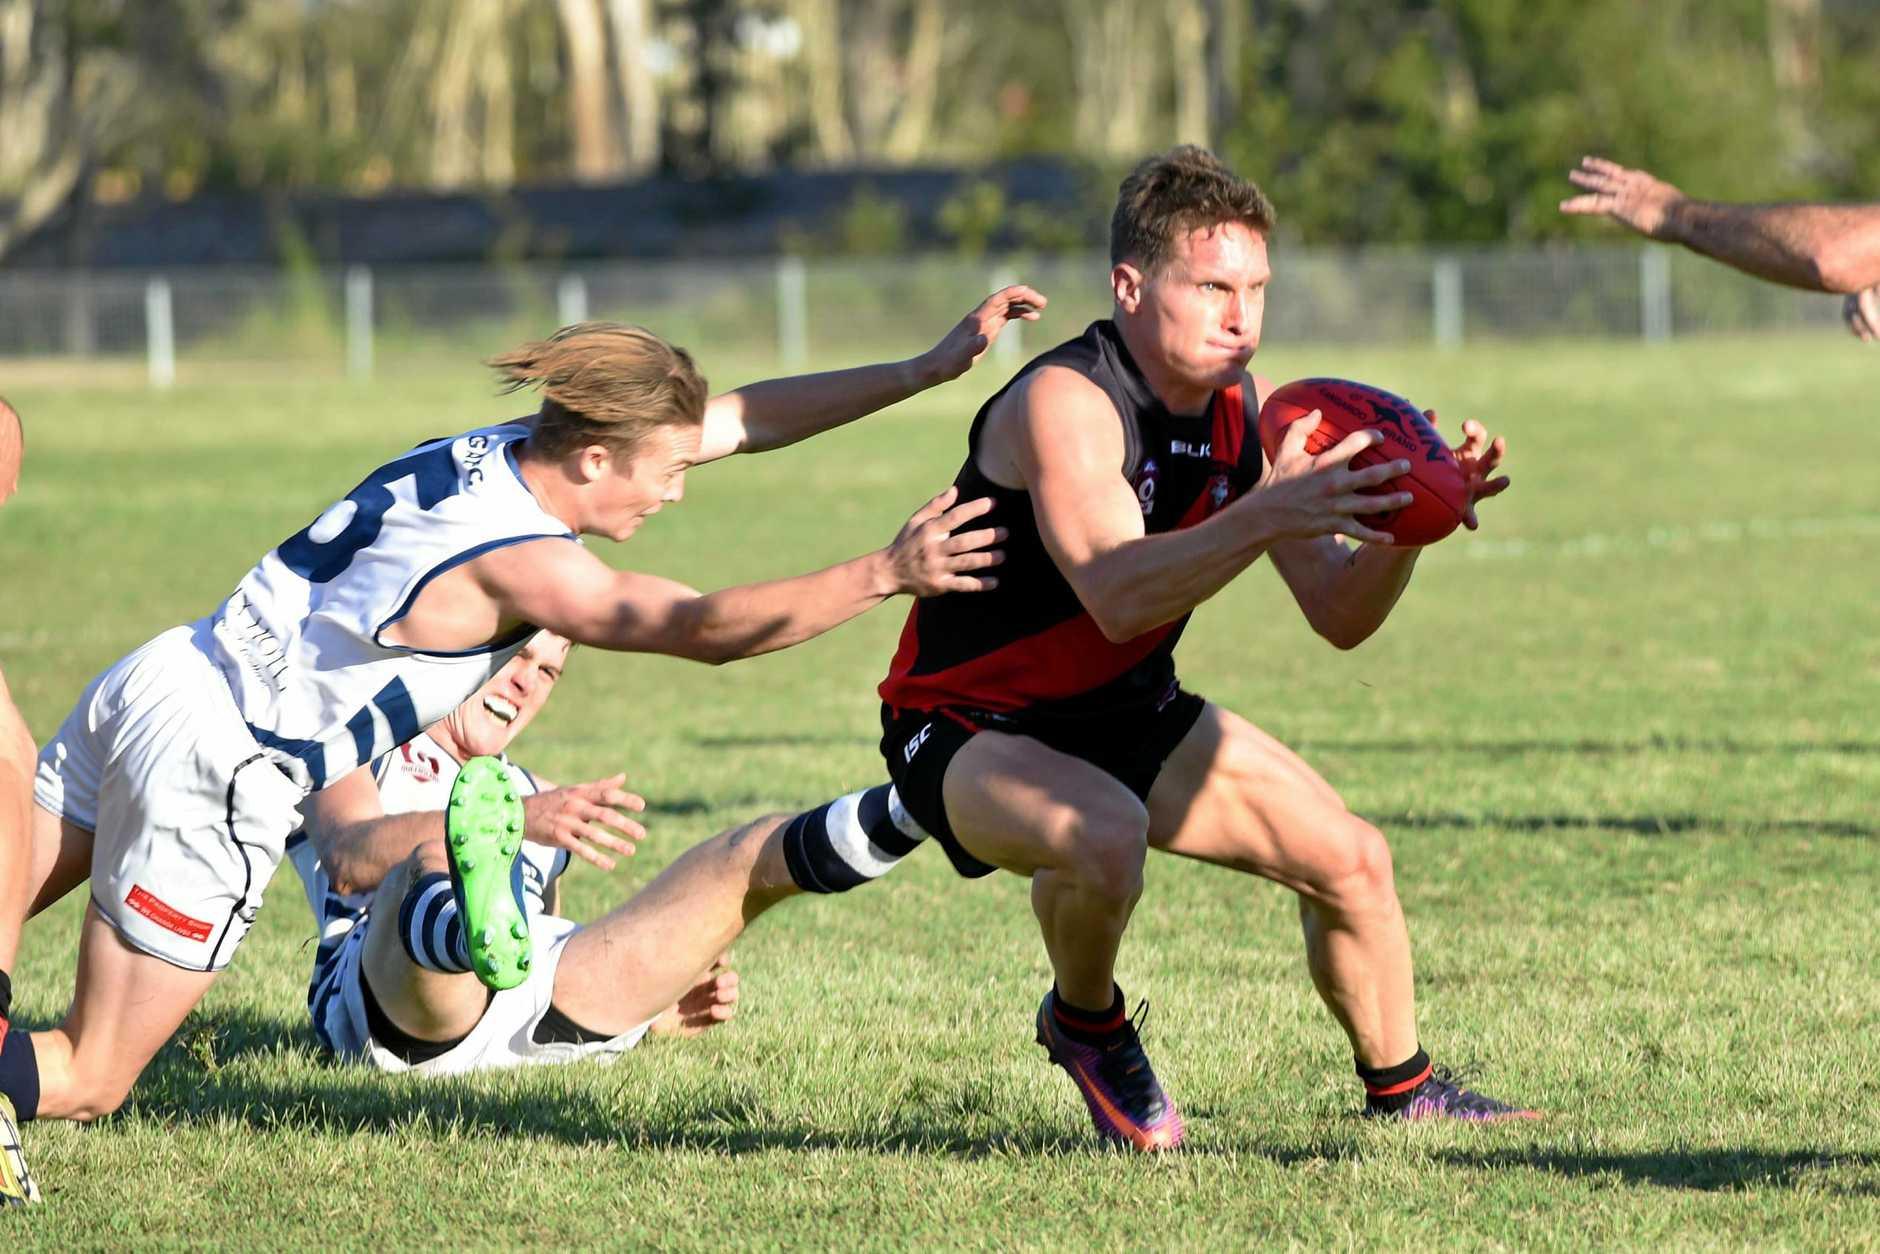 AFL - Hervey Bay Bombers versus Gympie Cats - Travis Mills.